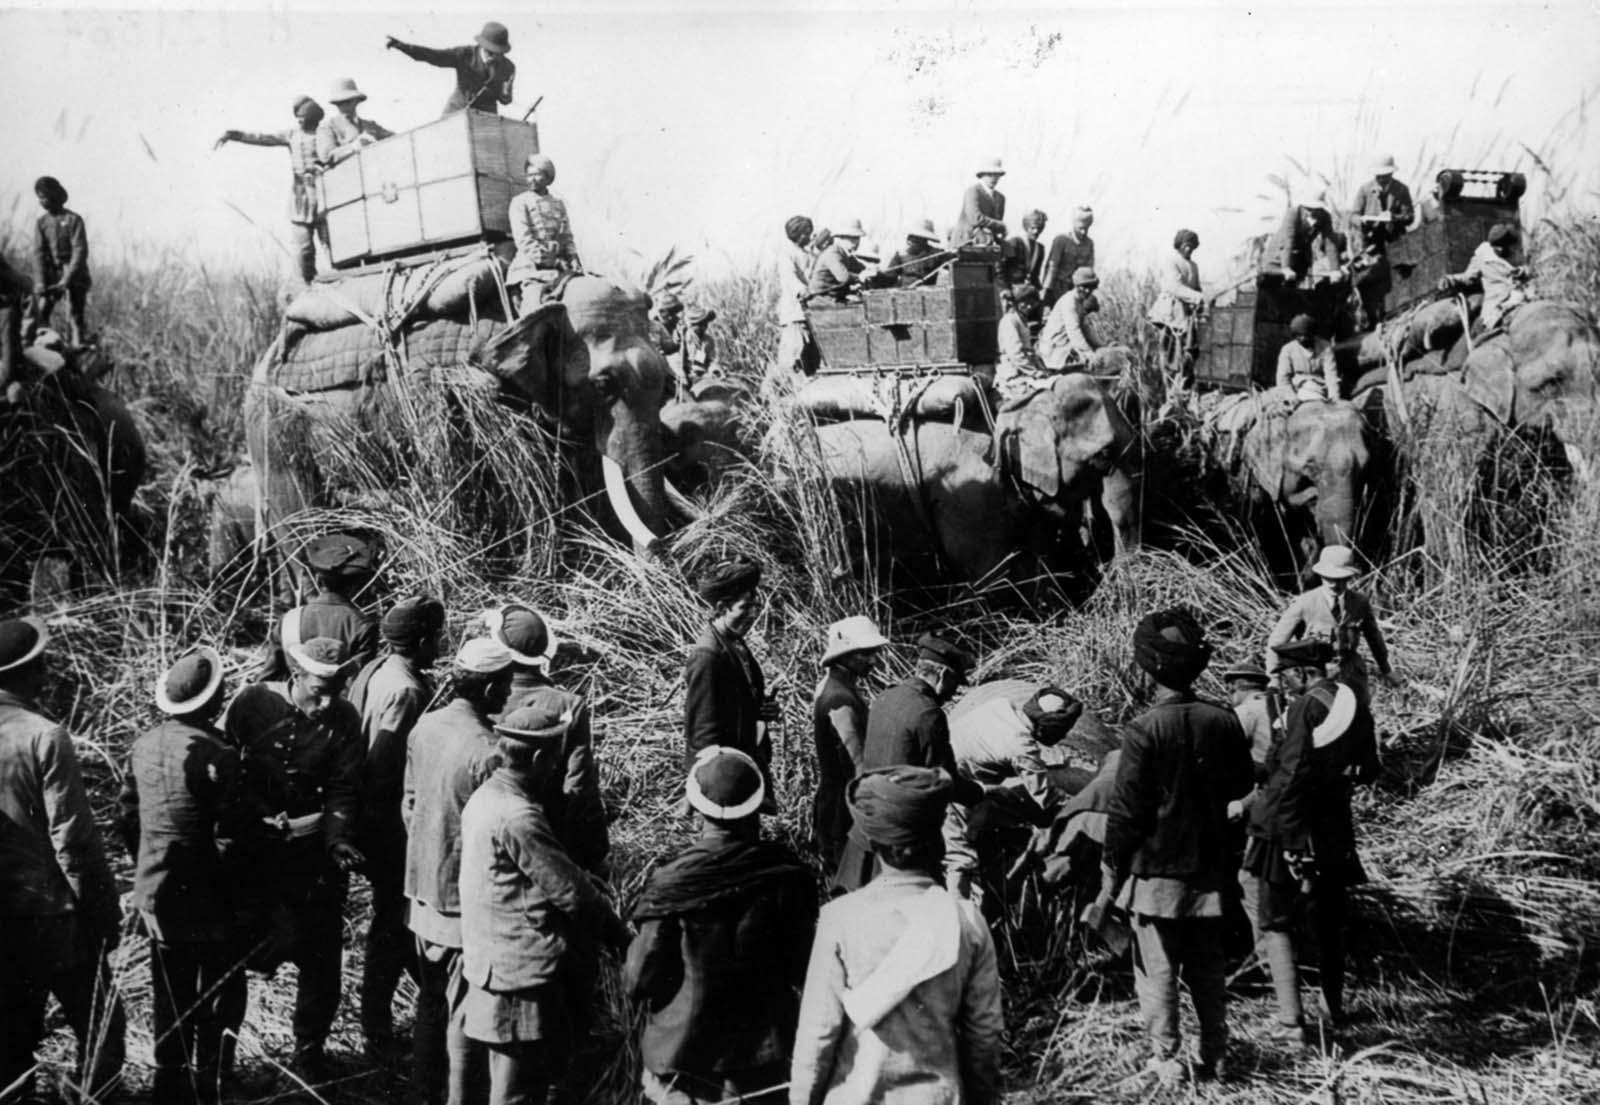 Em 1911 a realeza britânica foi à Índia para ser coroada e aproveitou para caçar 17